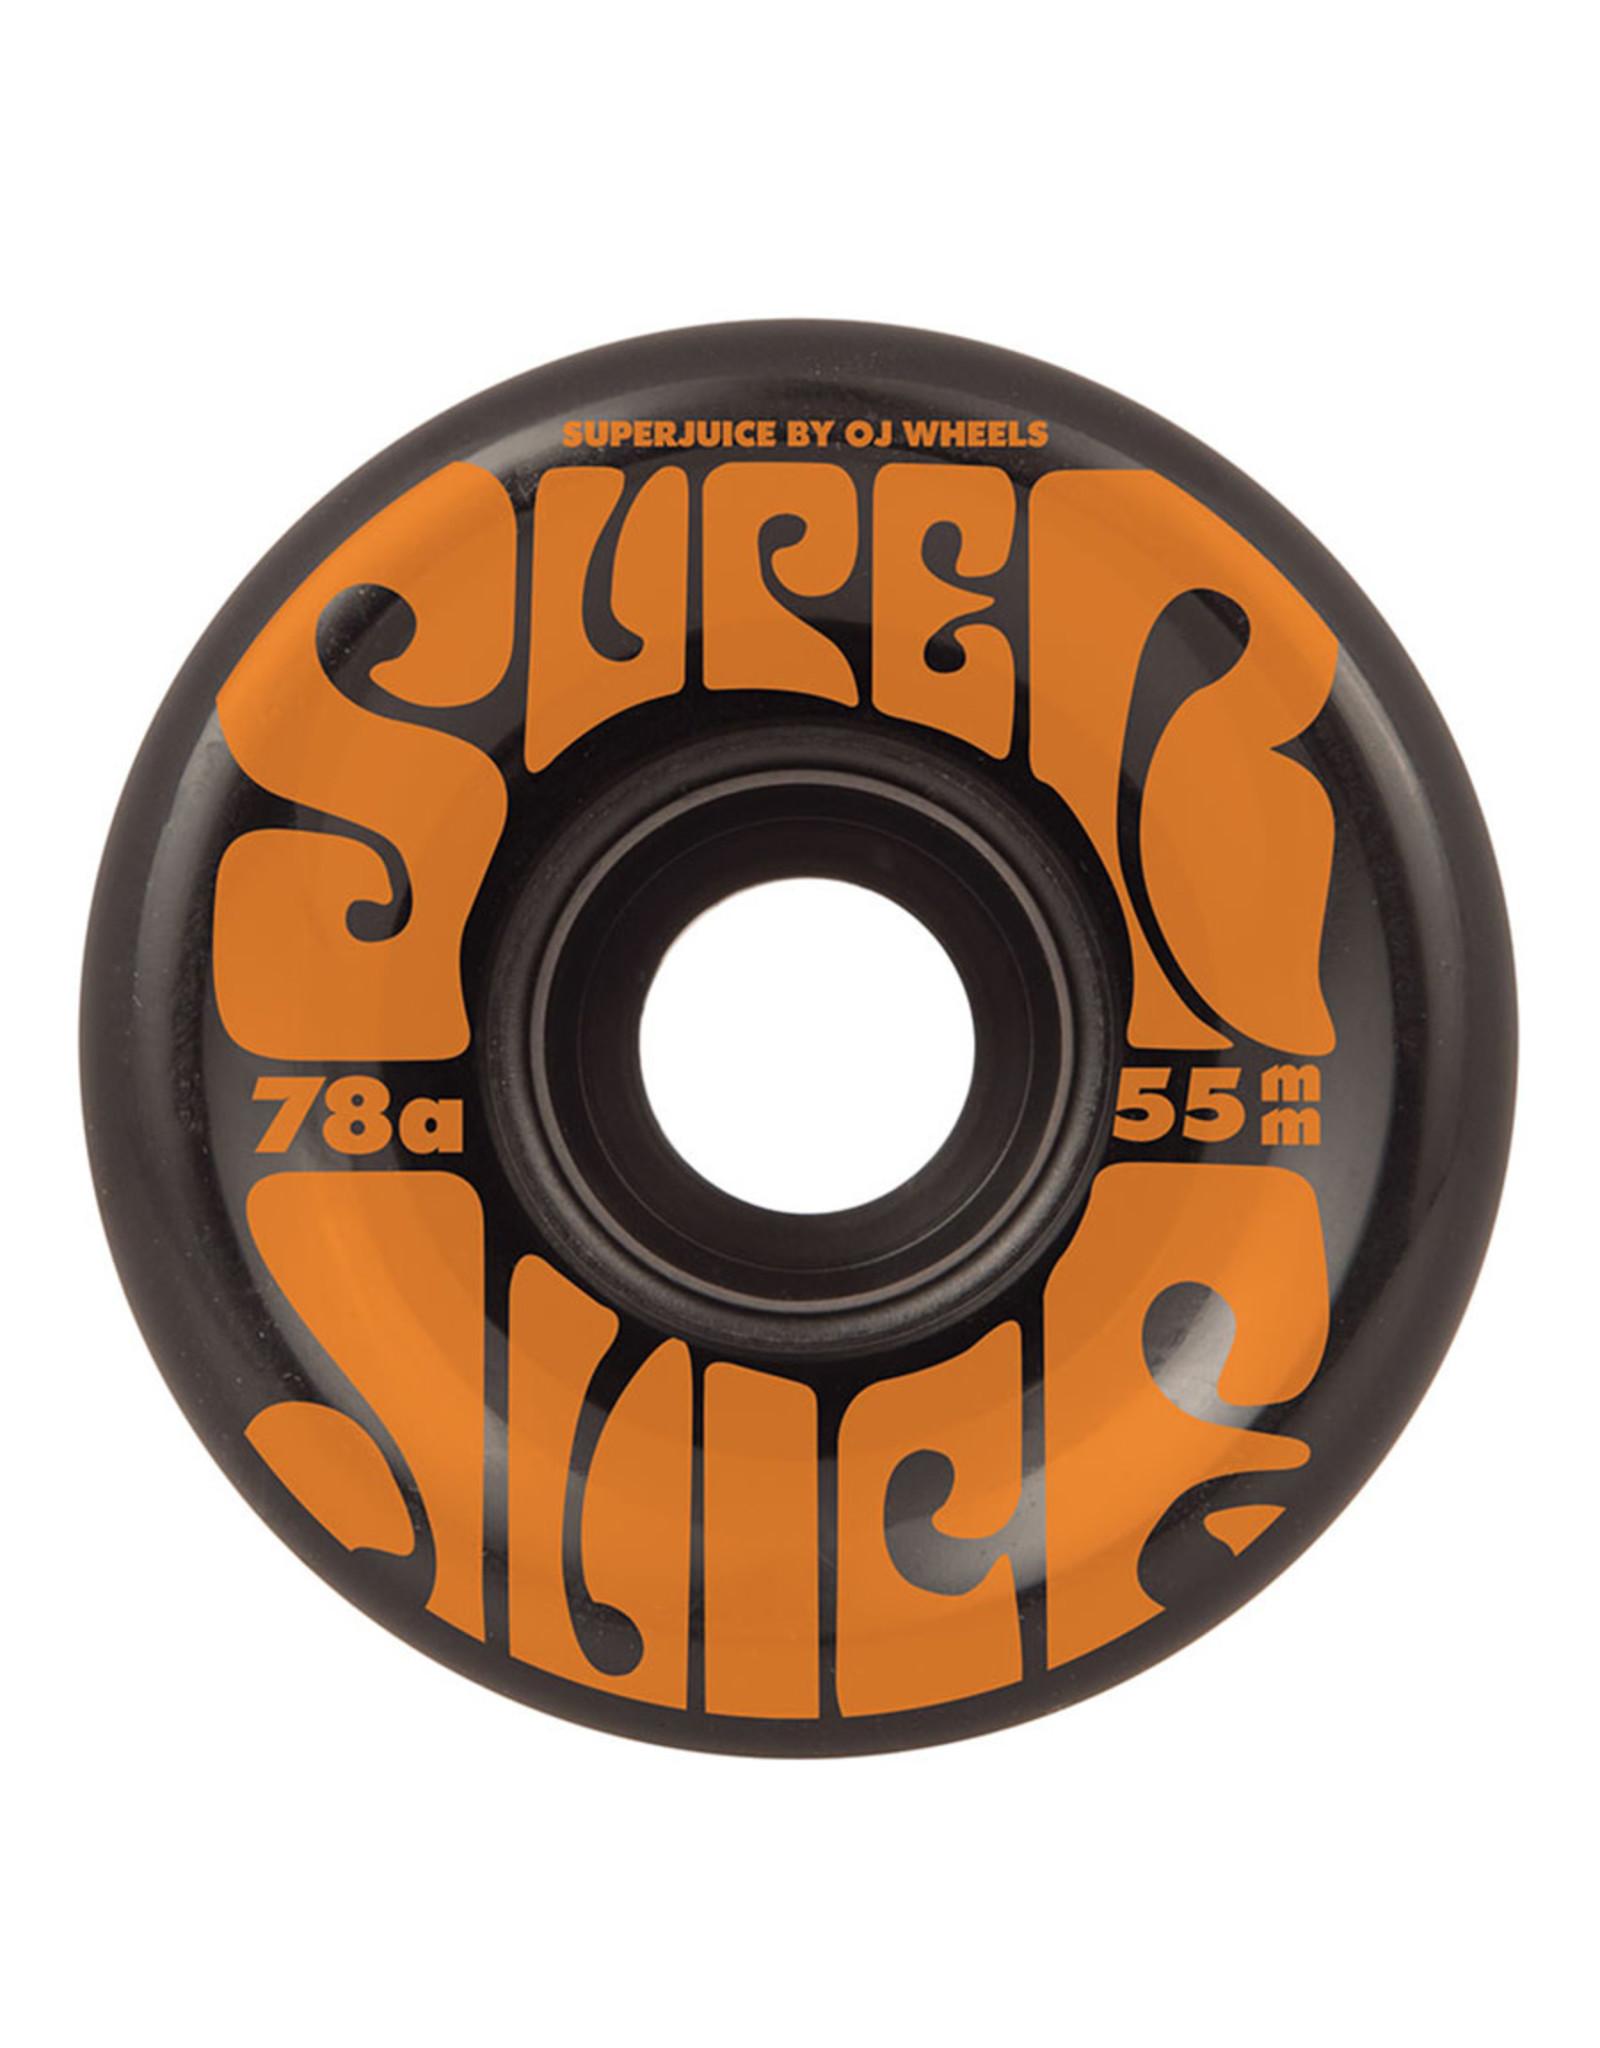 OJ Wheels OJ Wheels Team Mini Super Juice Black (55mm/78a)